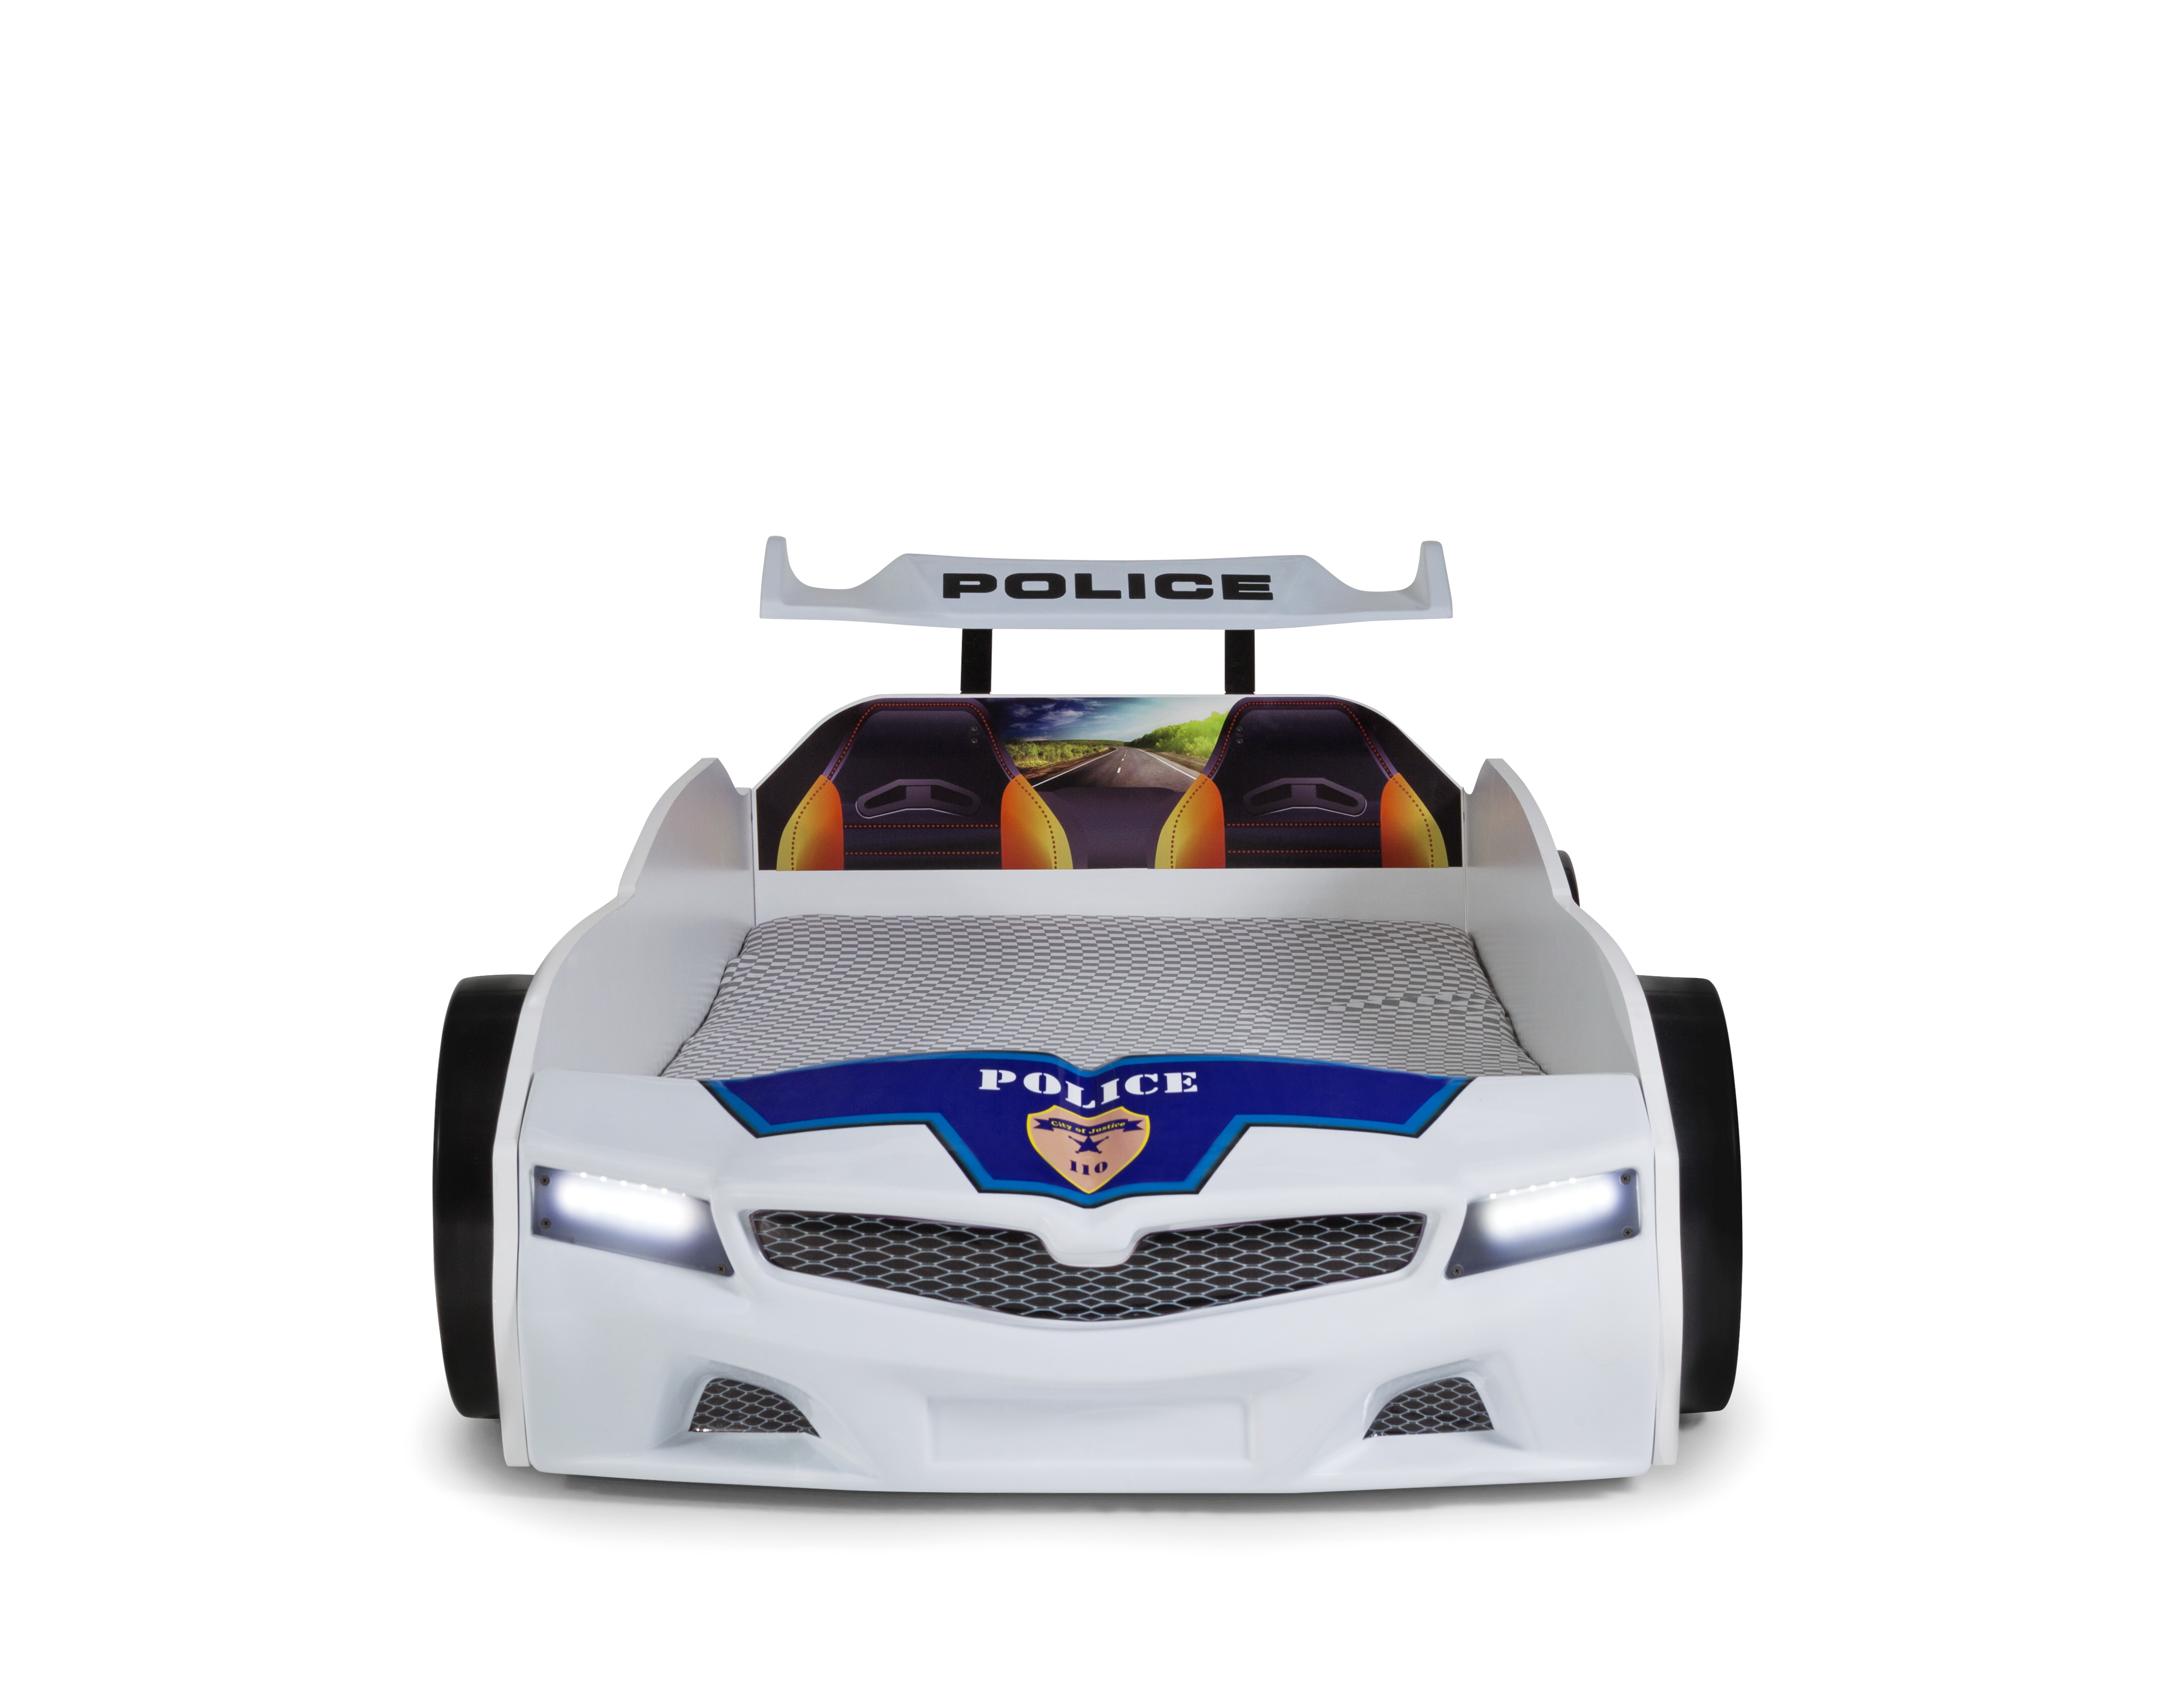 Autobett SPX Police mit blinkendem Blau-Rotlicht